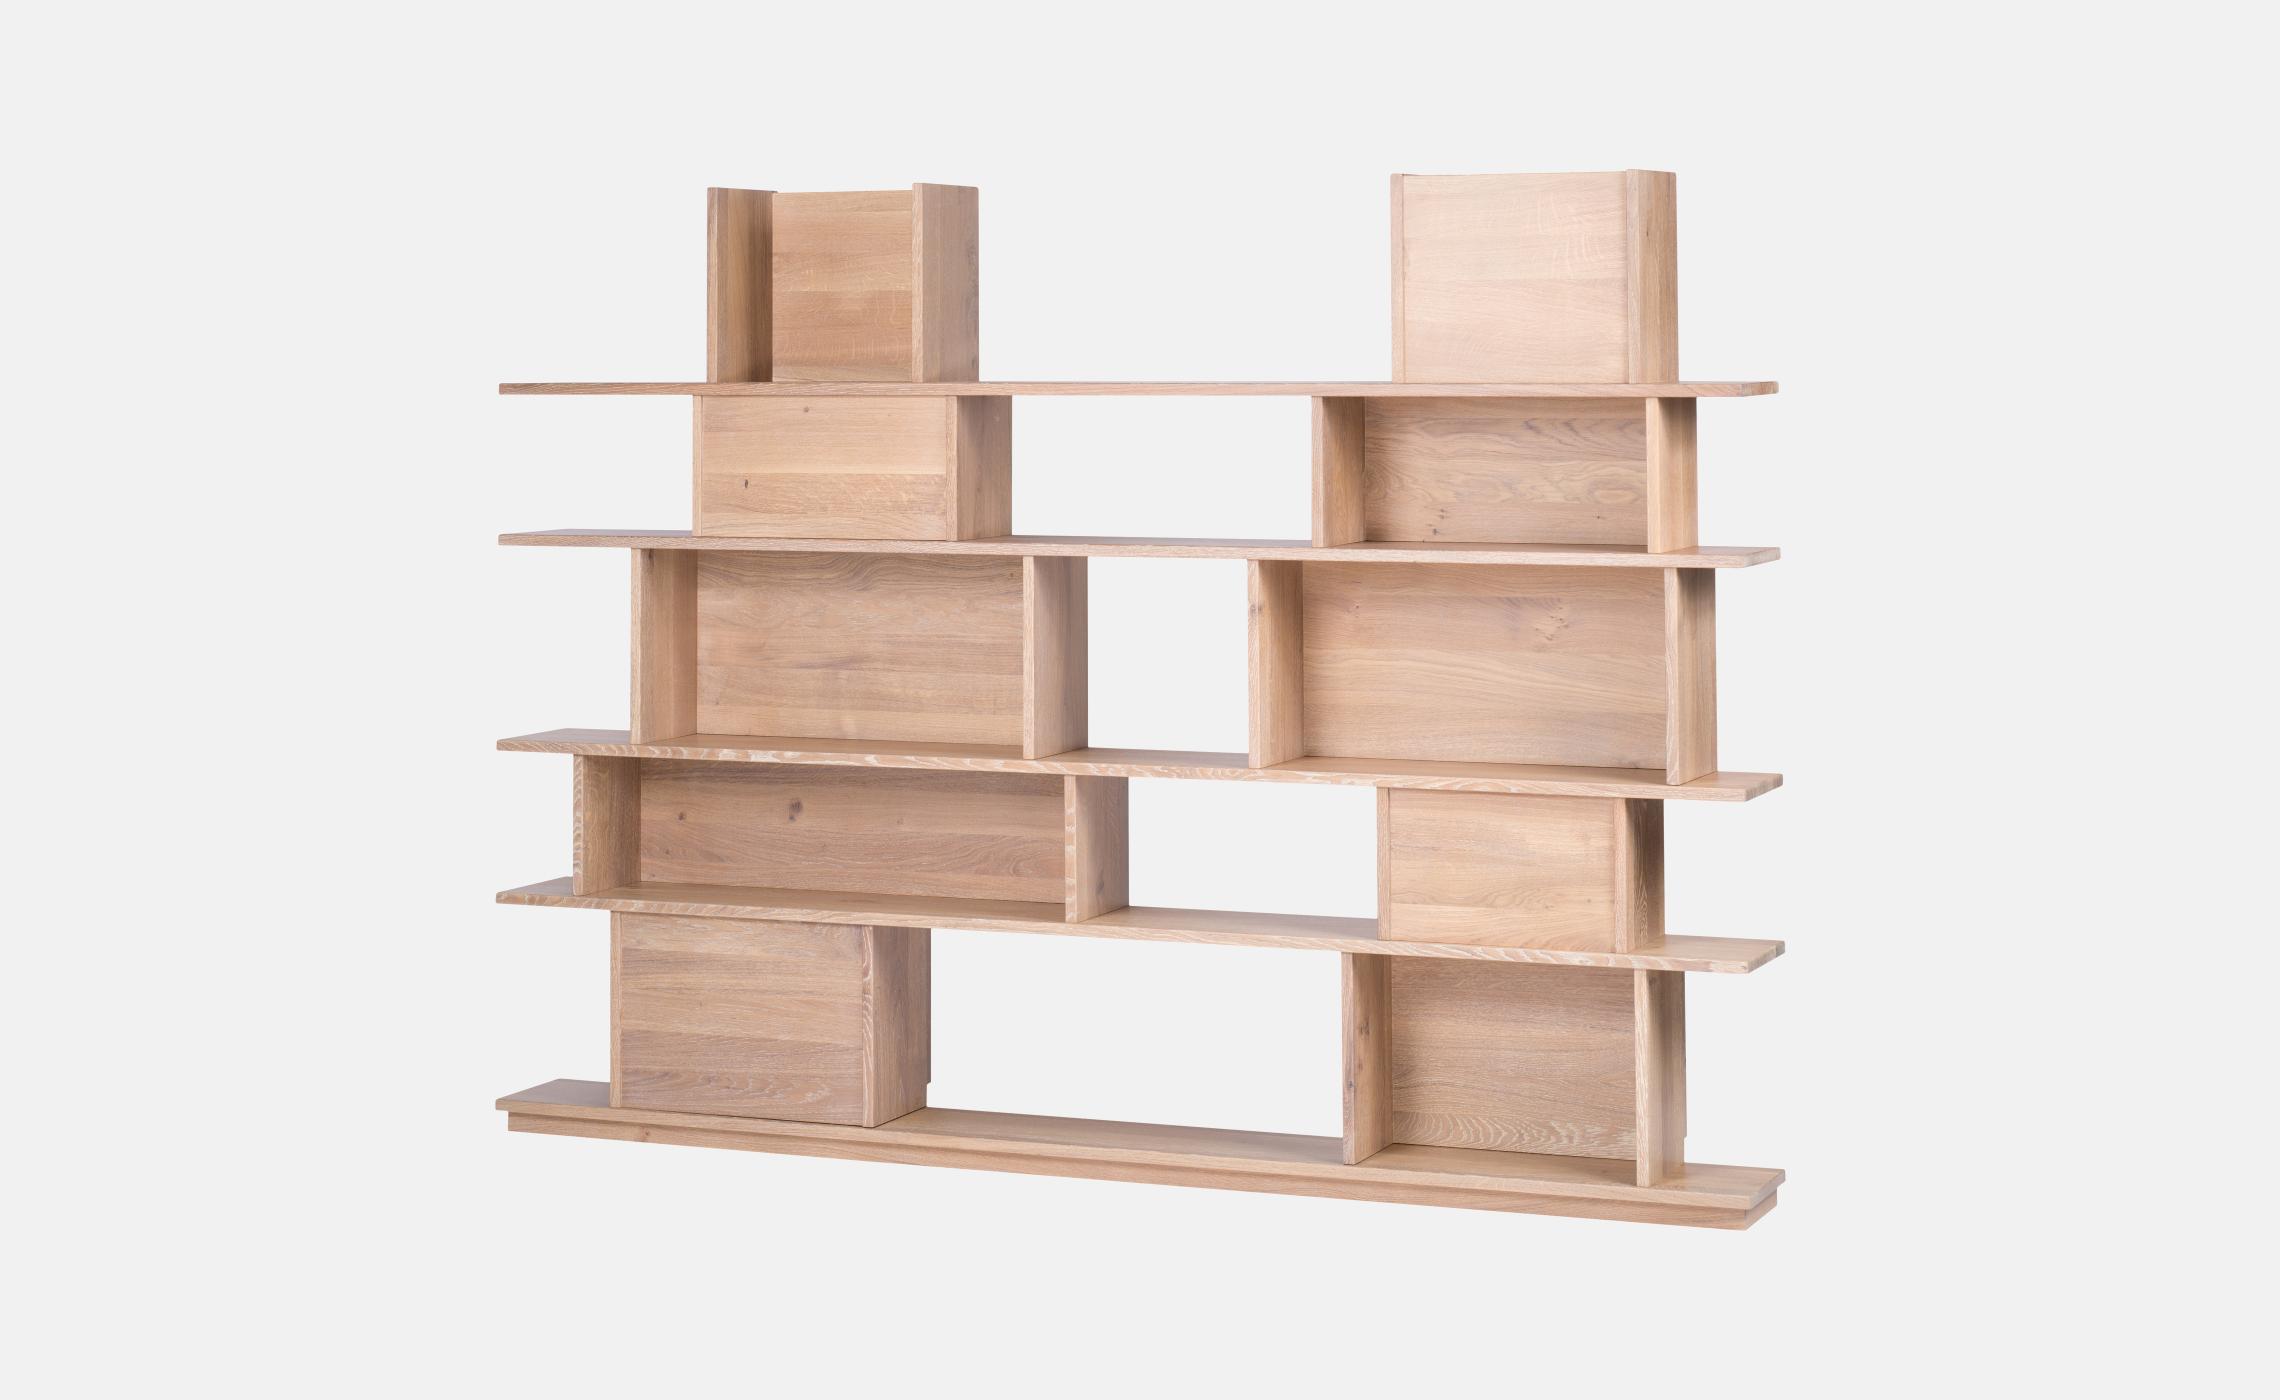 etag re biblioth que en ch ne pour livres et d co symphonie delorme meubles. Black Bedroom Furniture Sets. Home Design Ideas